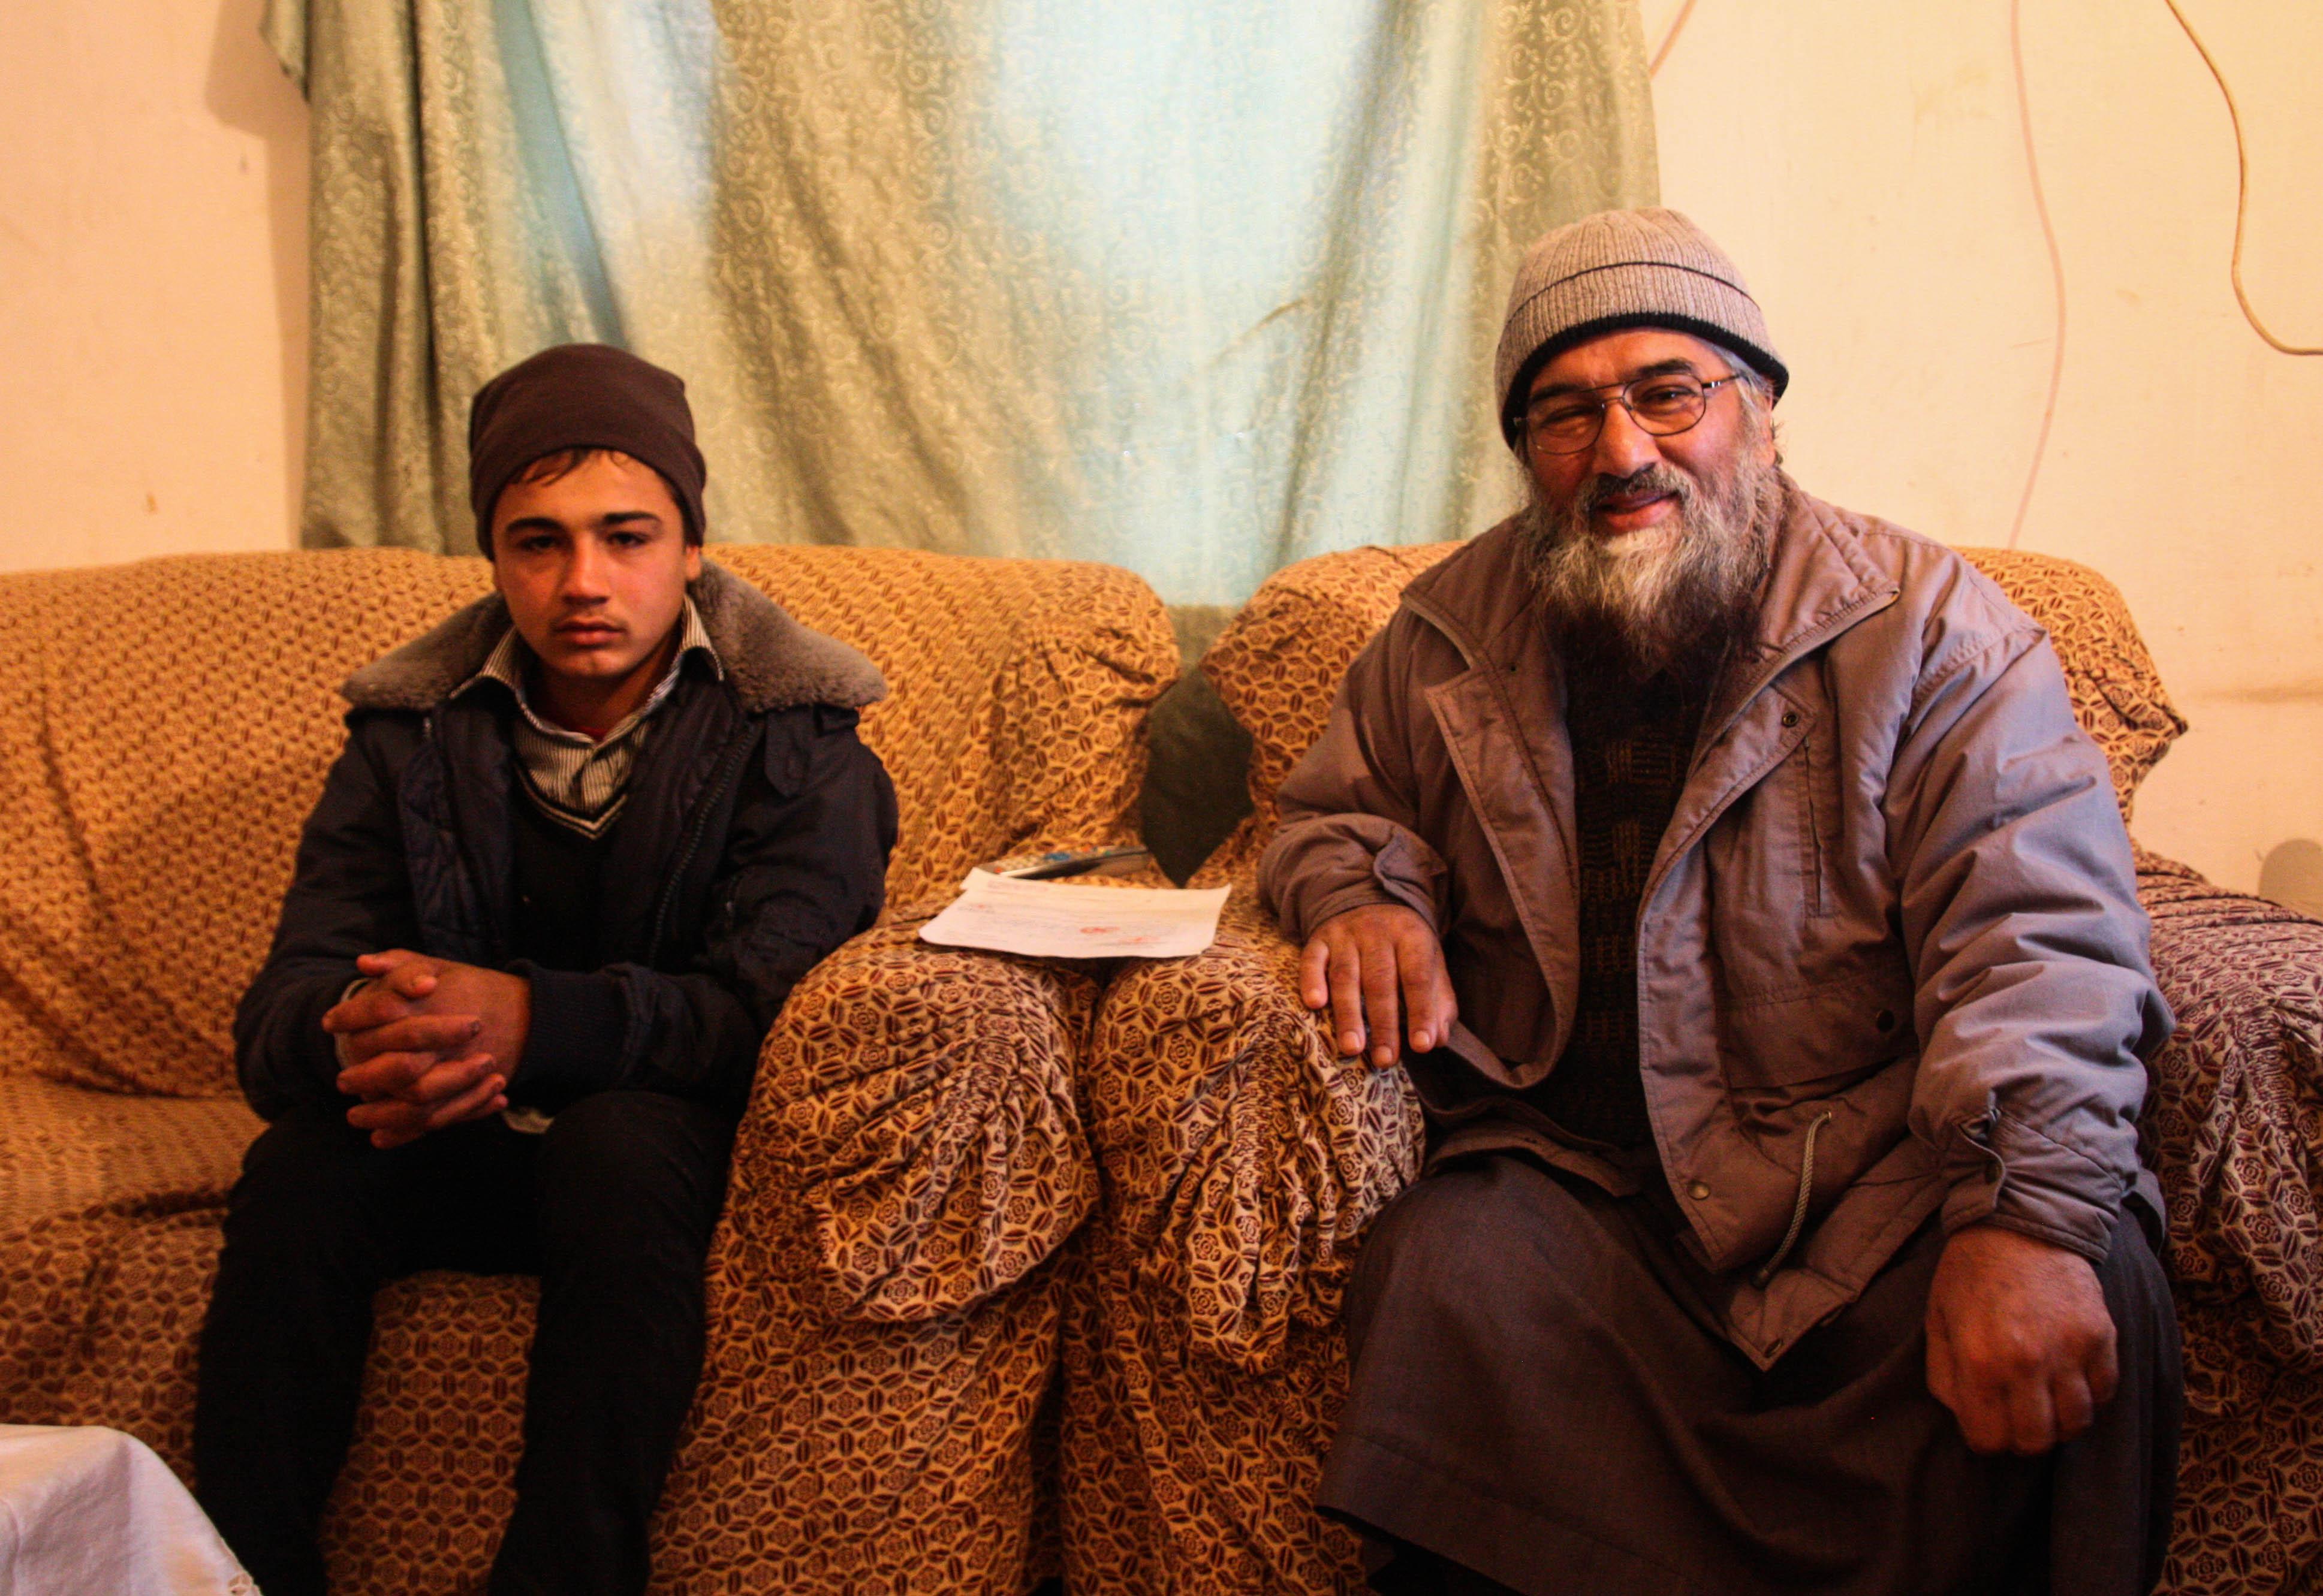 Nasser-al-Din-och-Abdul-Rahman-tar-emot-oss-i-deras-hem-och-delar-med-sig-av familjens berättelse